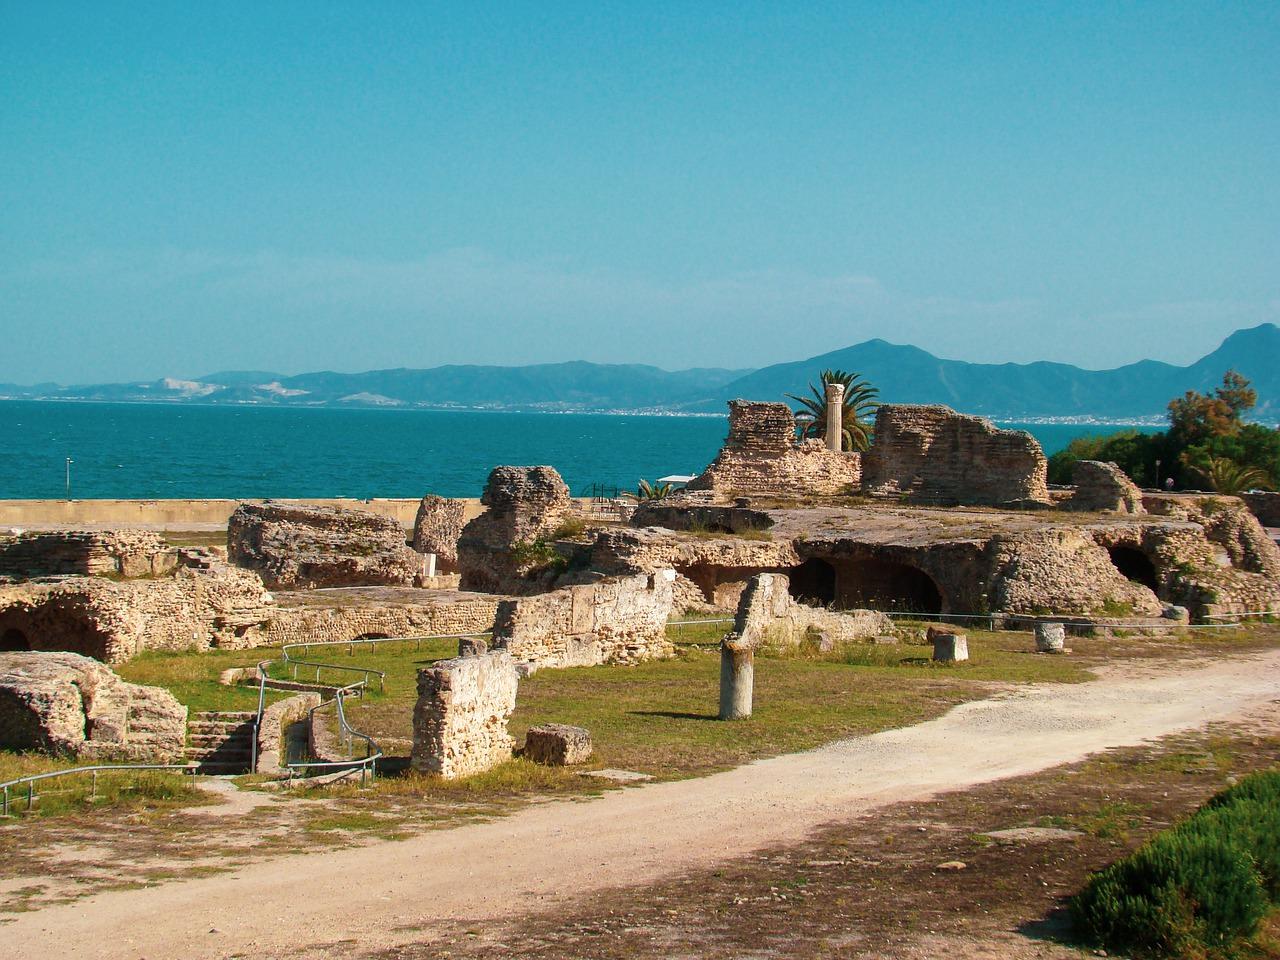 المدن المفقودة ، عجائب نُسيت عبر التاريخ